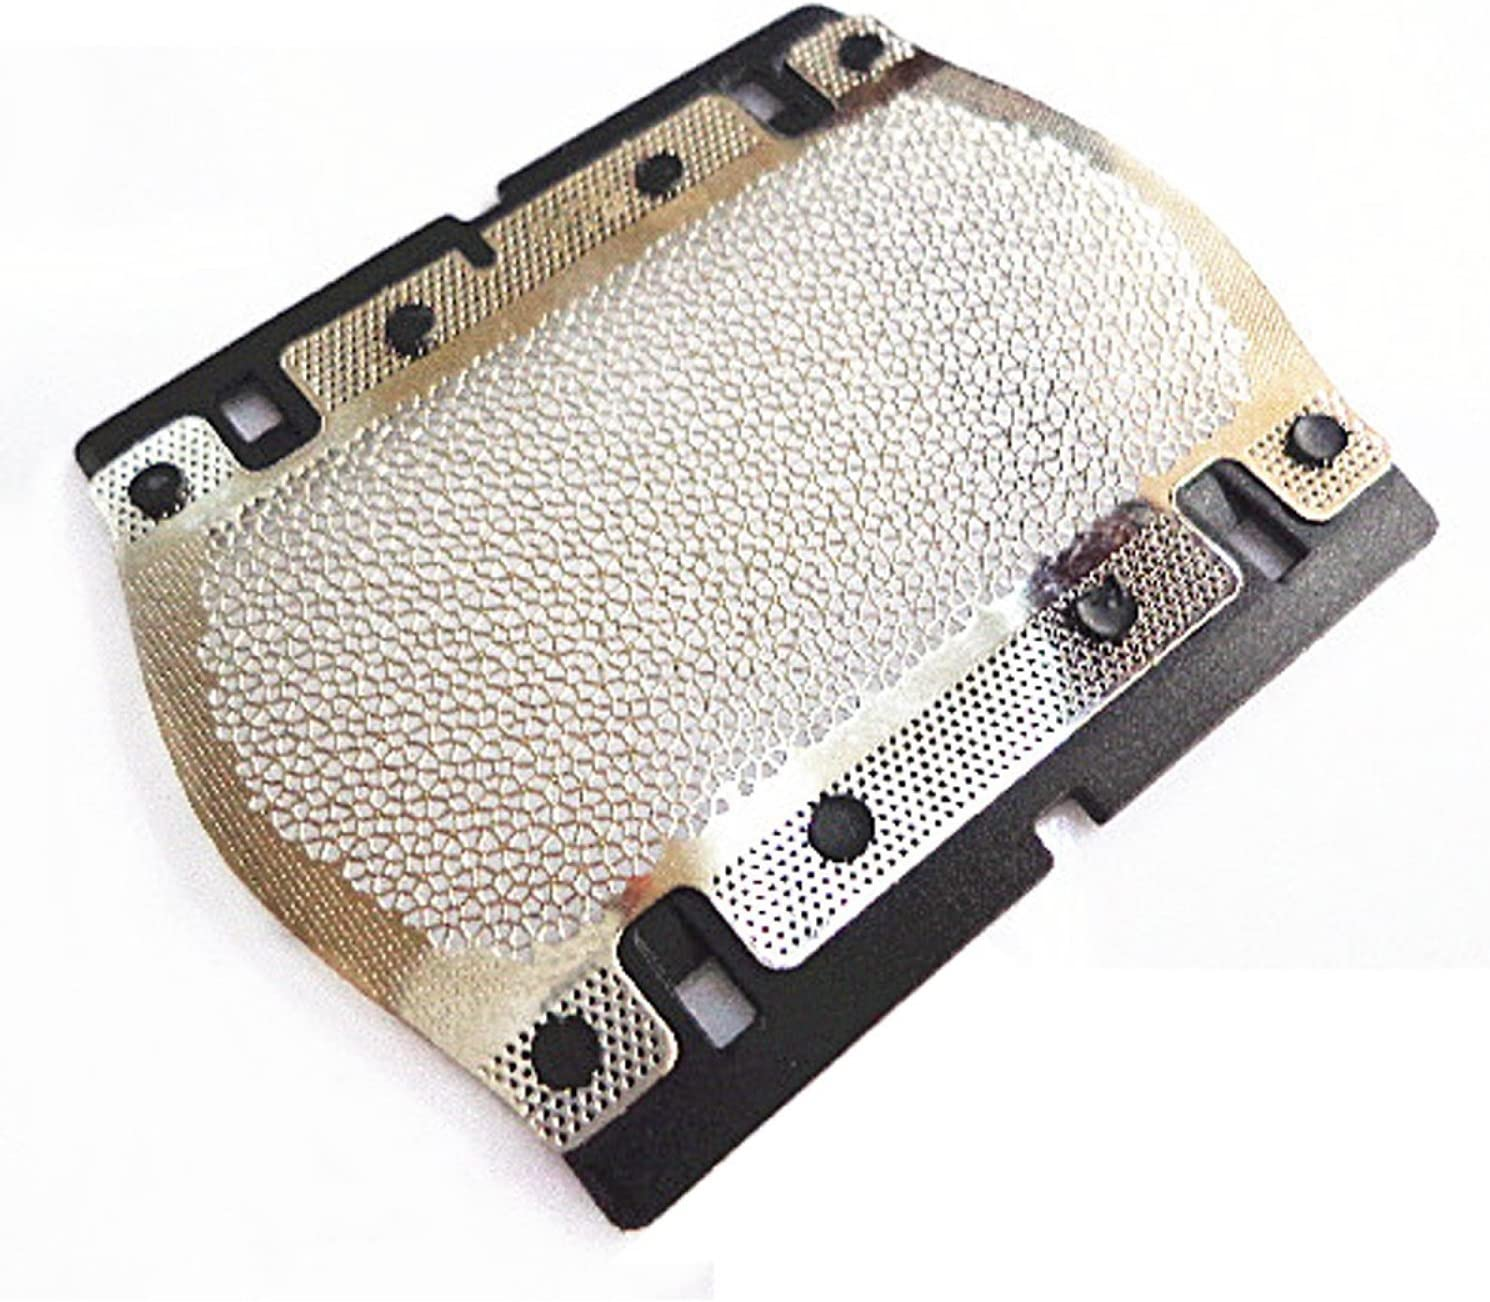 2PCS 5S Foil Screen for Cruzer Twist PocketGo MobileShave 550 570 M60 M90 P40 P50 P60 P70 P80 P90